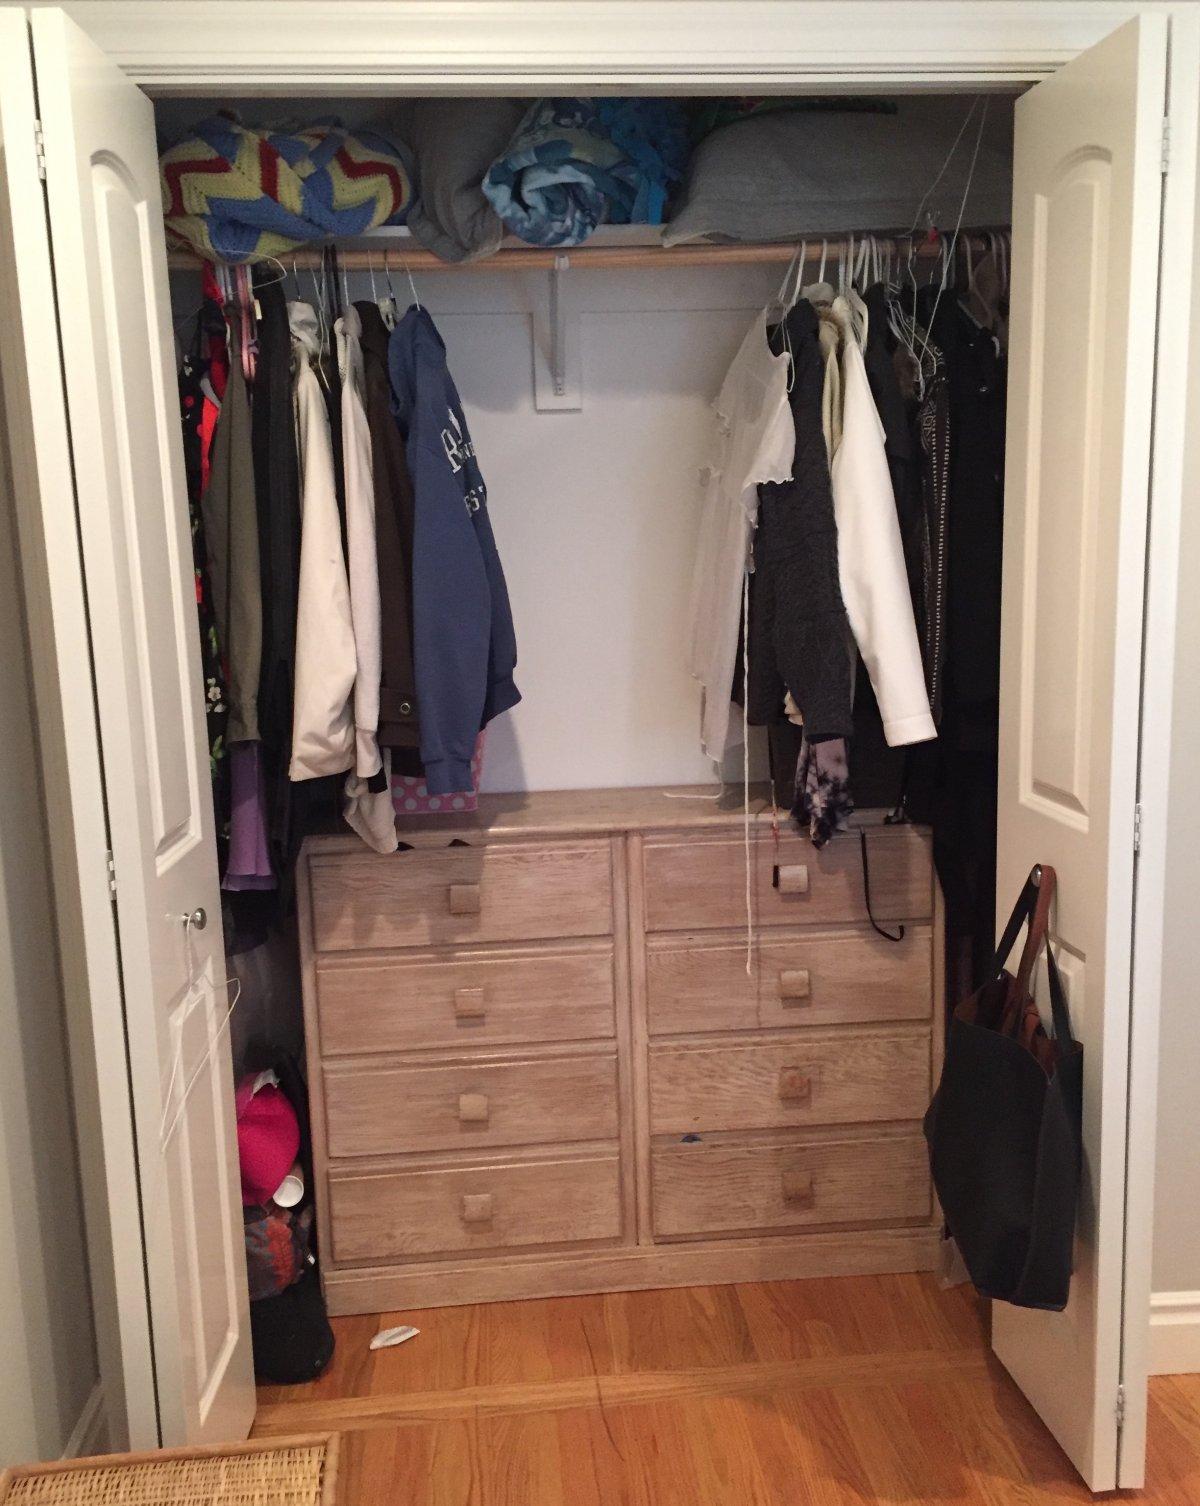 DIDA Si può finalmente vedere la parte posteriore del mio armadio. Progresso! La cosa rosa e morbida in basso a sinistra è un cuscino aeroplano che porto su tutti i miei voli a lungo raggio.